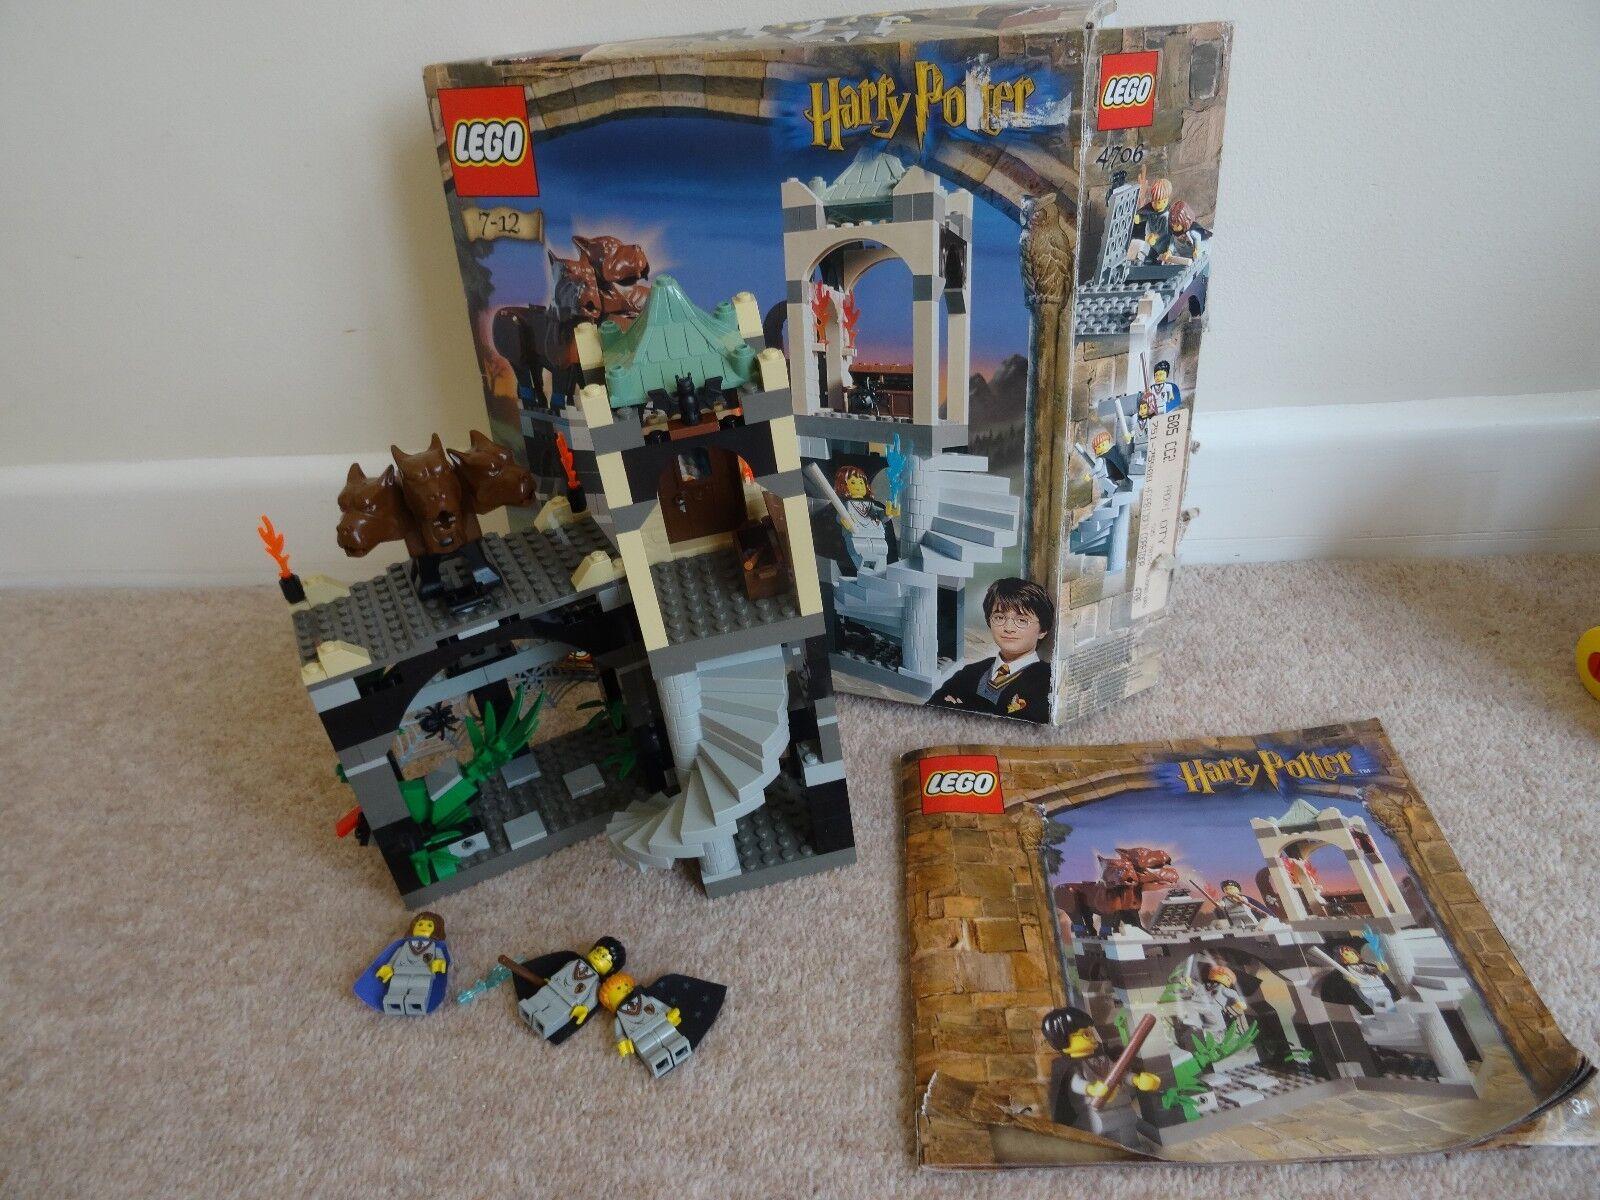 LEGO LEGO LEGO Harry Potter Forbidden Corridor 4706 99% complete d184e0